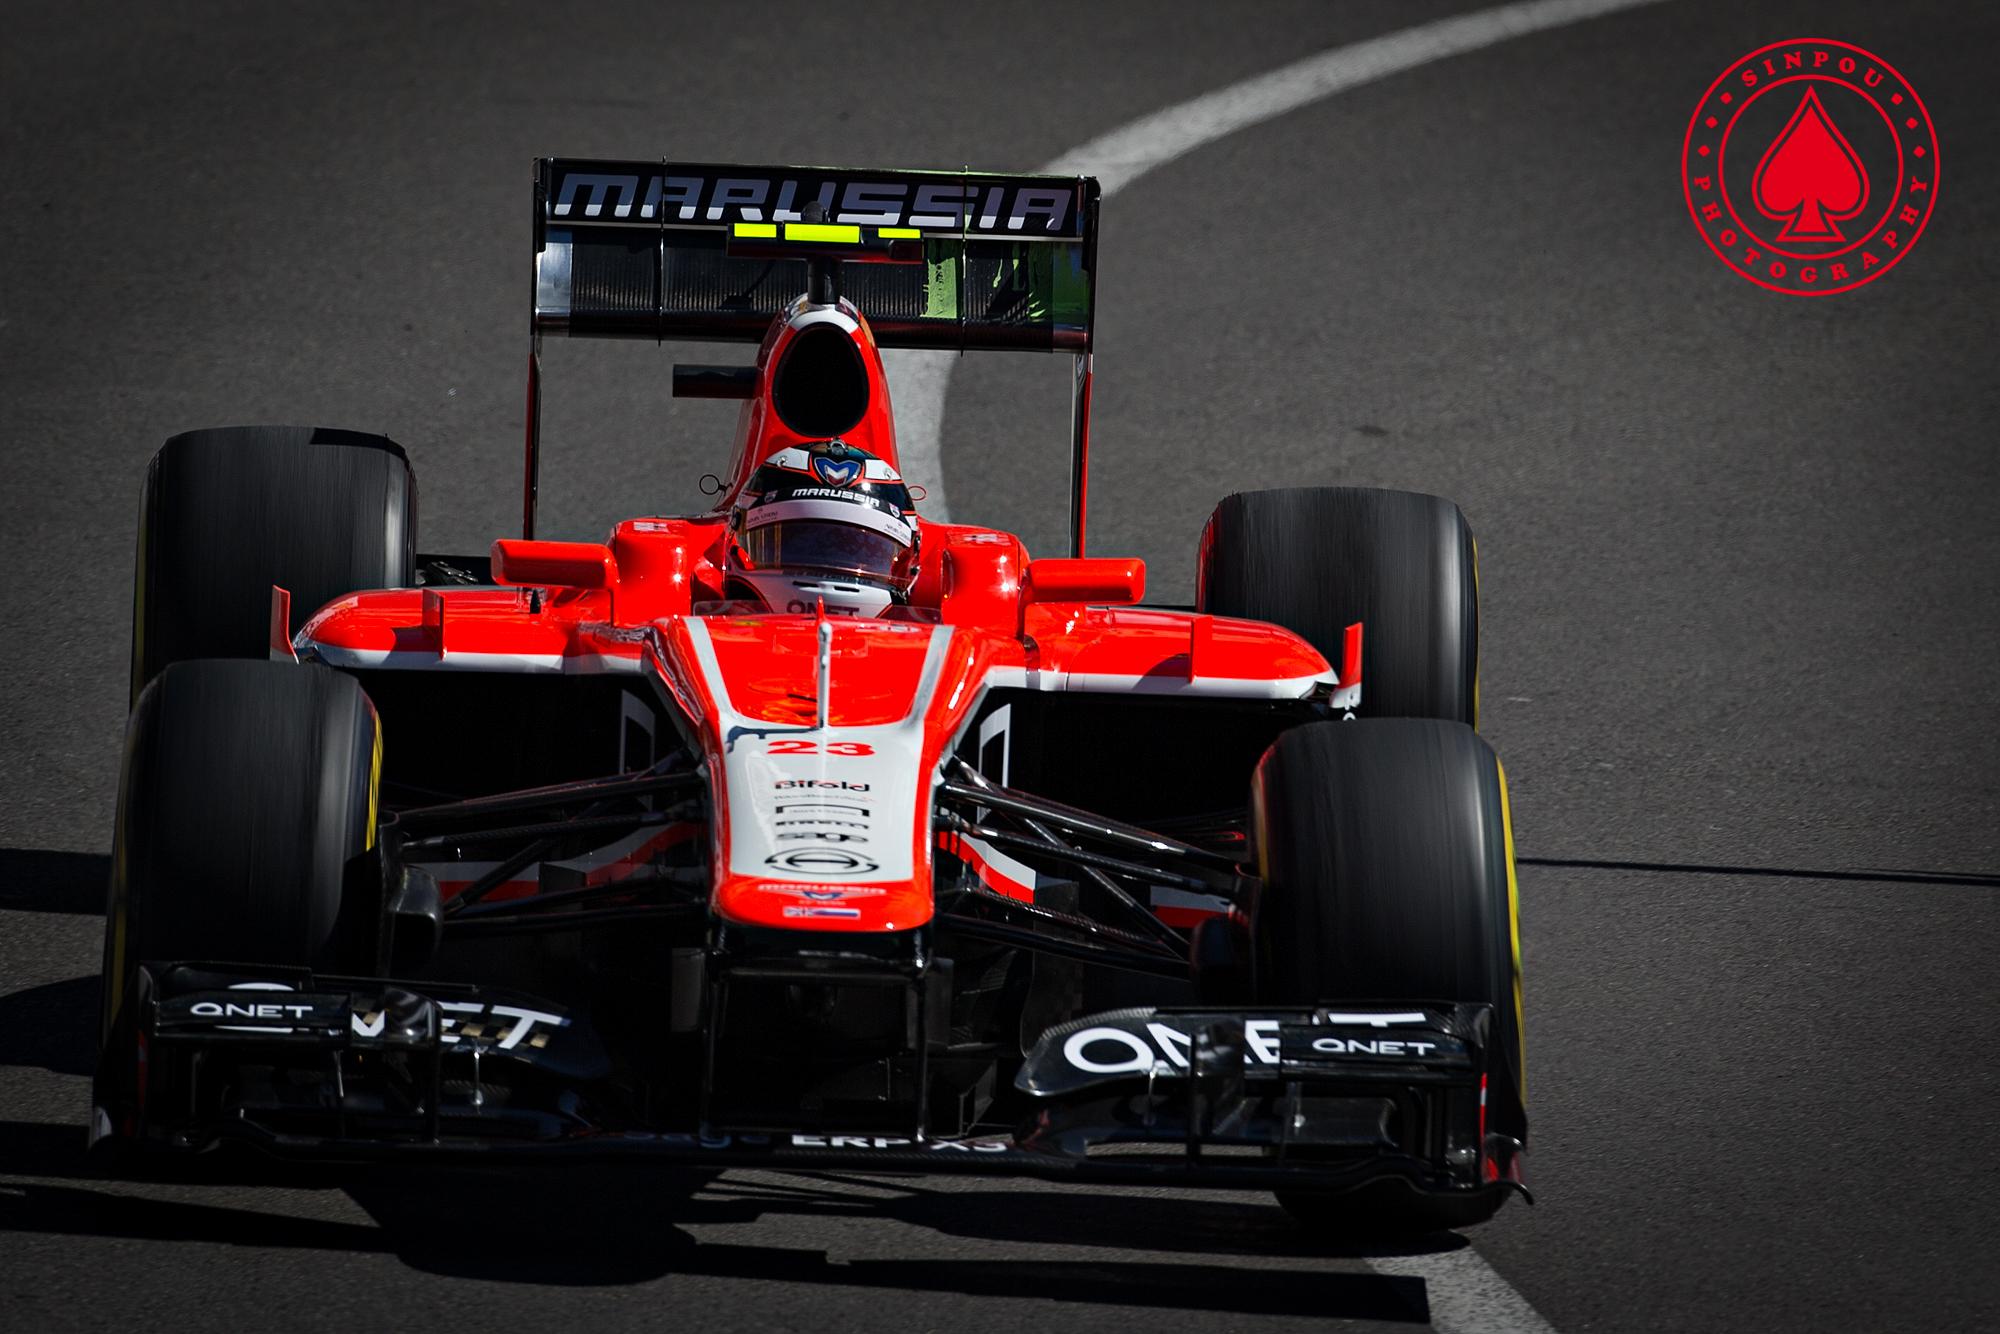 Max Chilton - Marussia